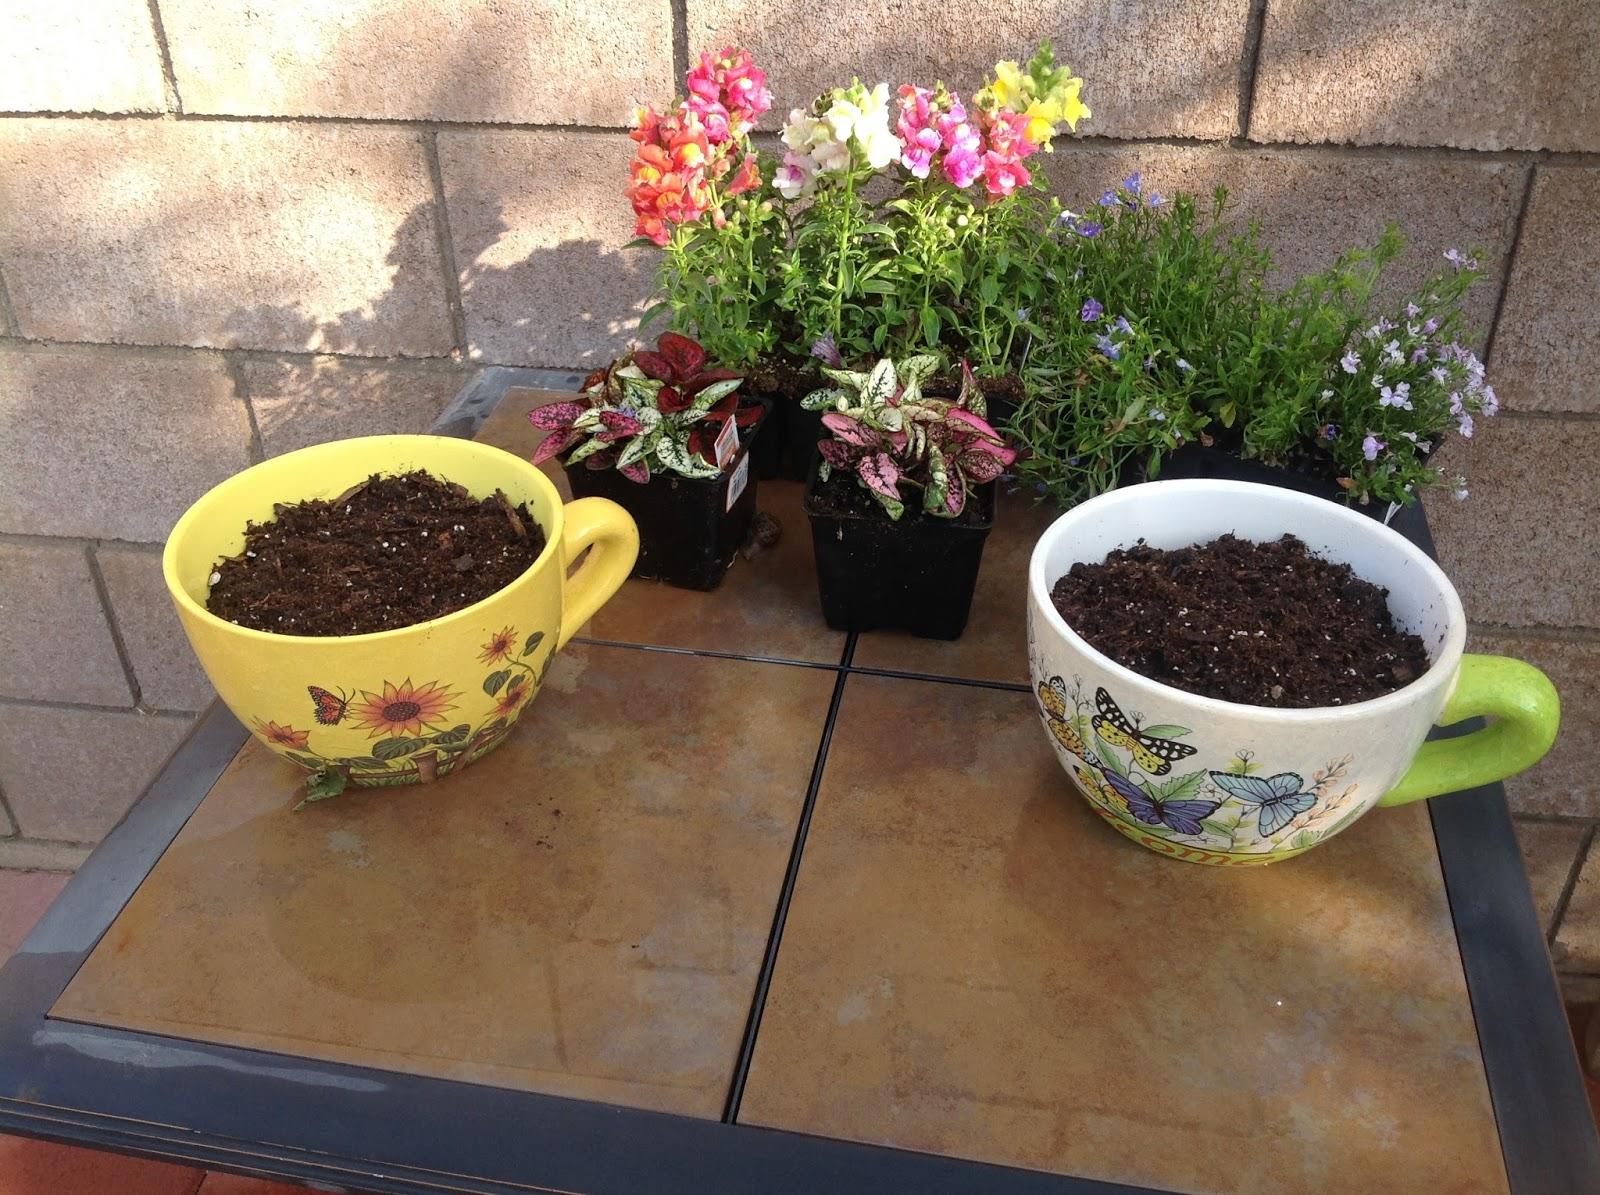 Grandma\'s Enchanted Fairy Garden: Fairy Garden Class - Teacups in ...